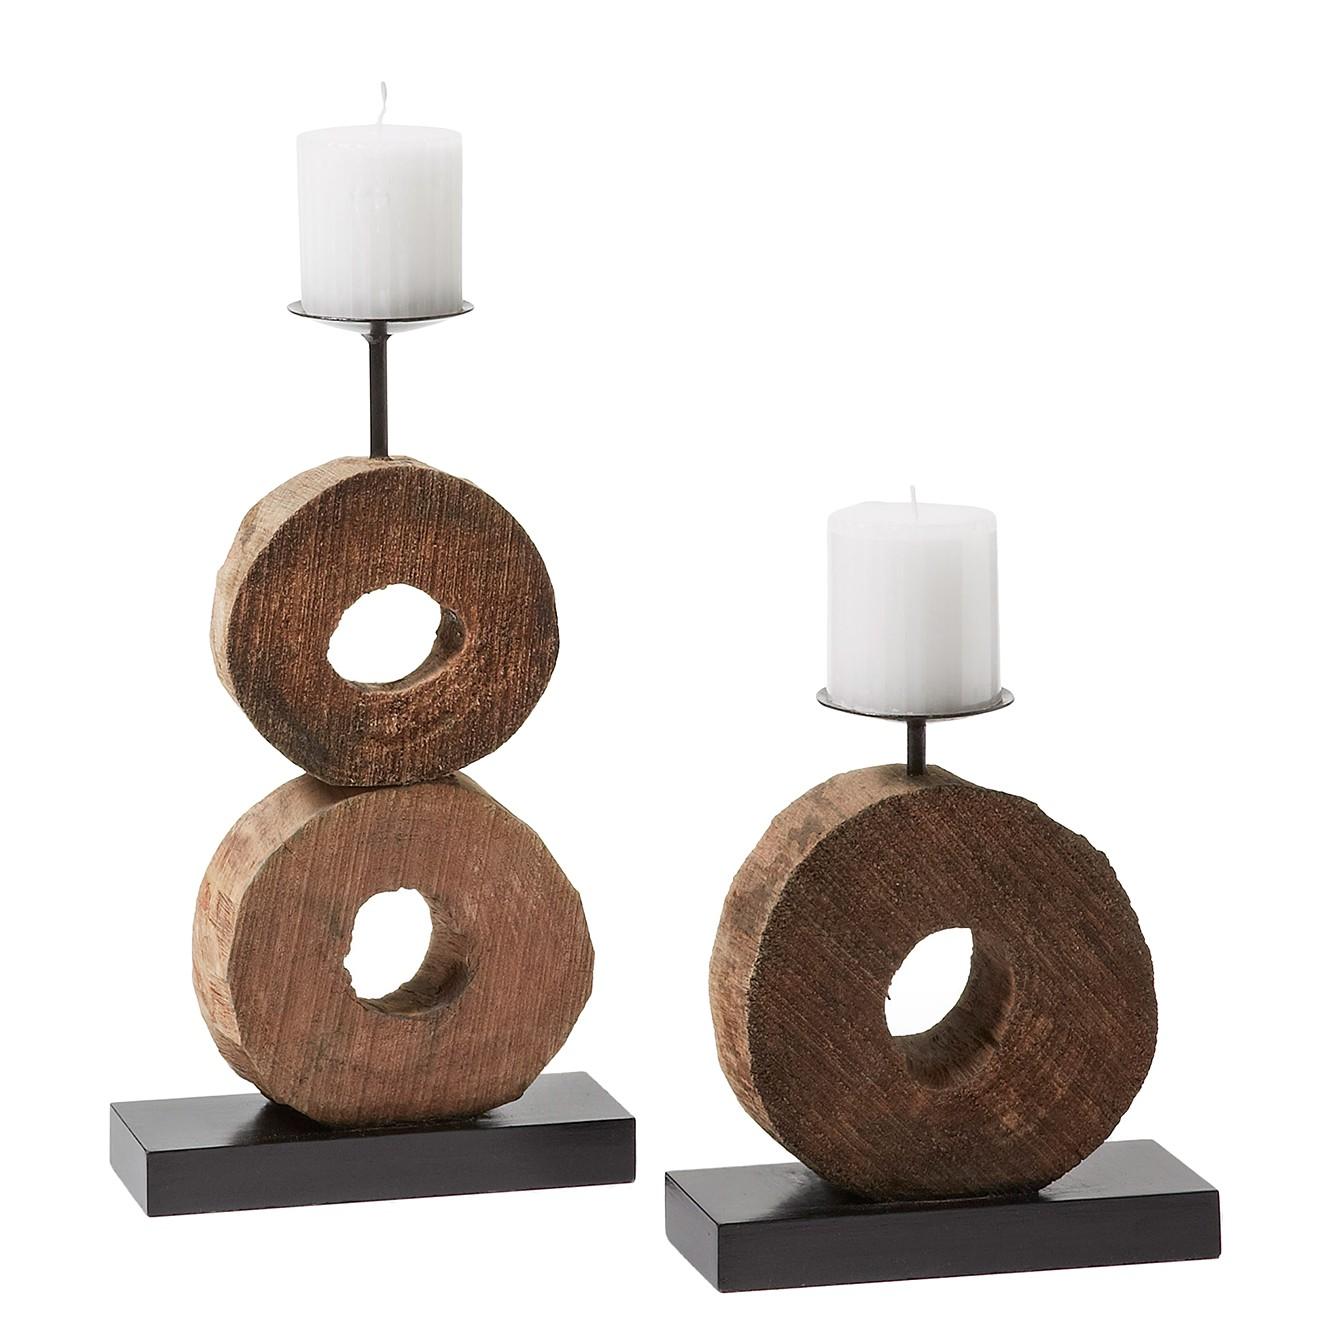 kerzenhalter adventskranz metall preisvergleich die. Black Bedroom Furniture Sets. Home Design Ideas